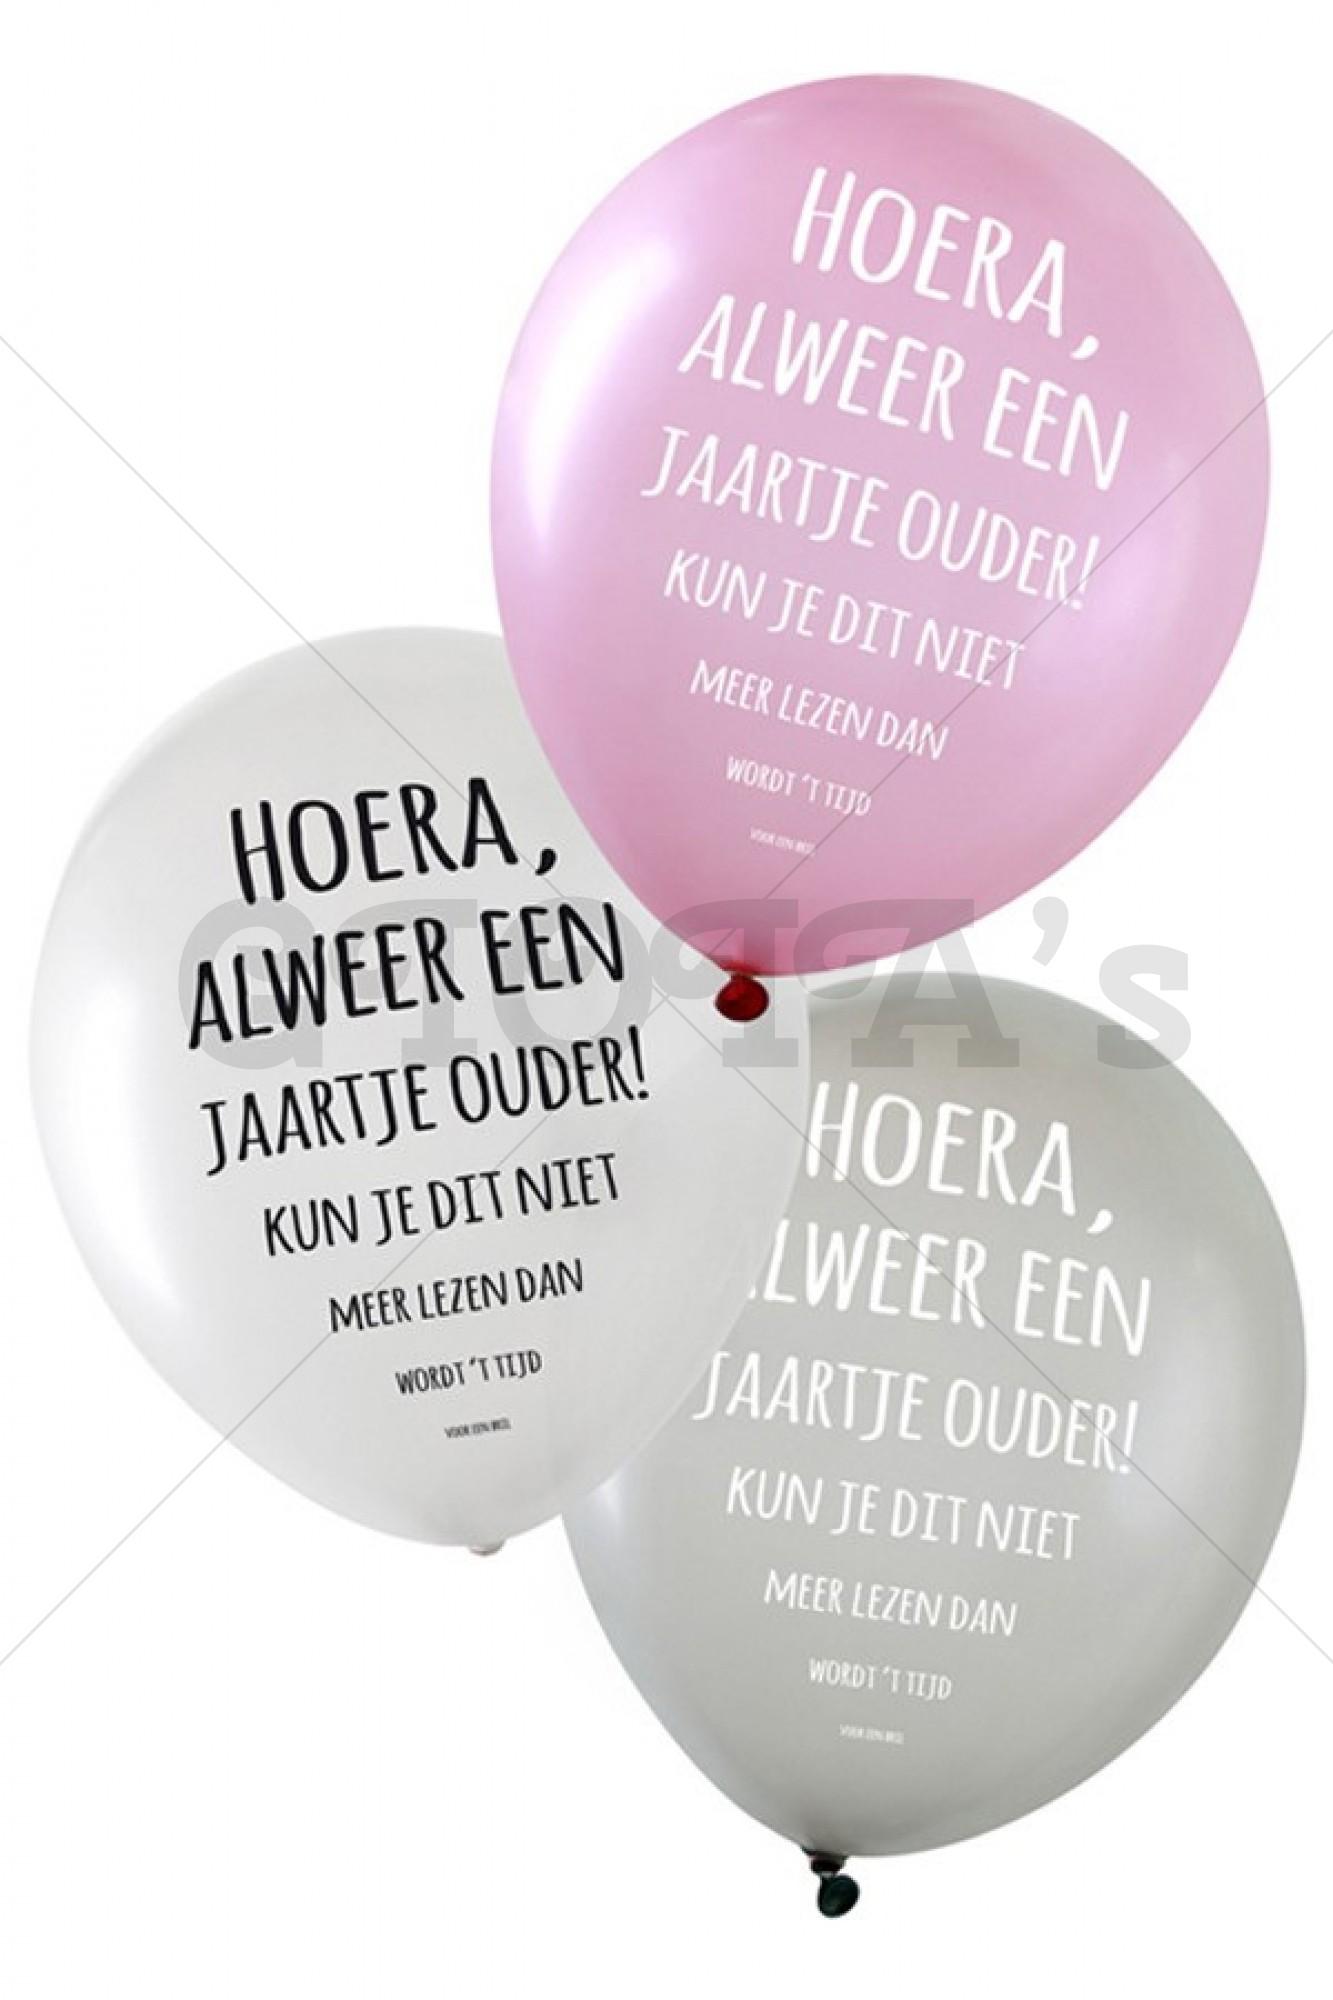 Ballon met tekst HOERA ALWEER EEN JAARTJE OUDER KUN JE DIT NIET MEER LEZEN DAN WORDT T TIJD VOOR EEN BRIL